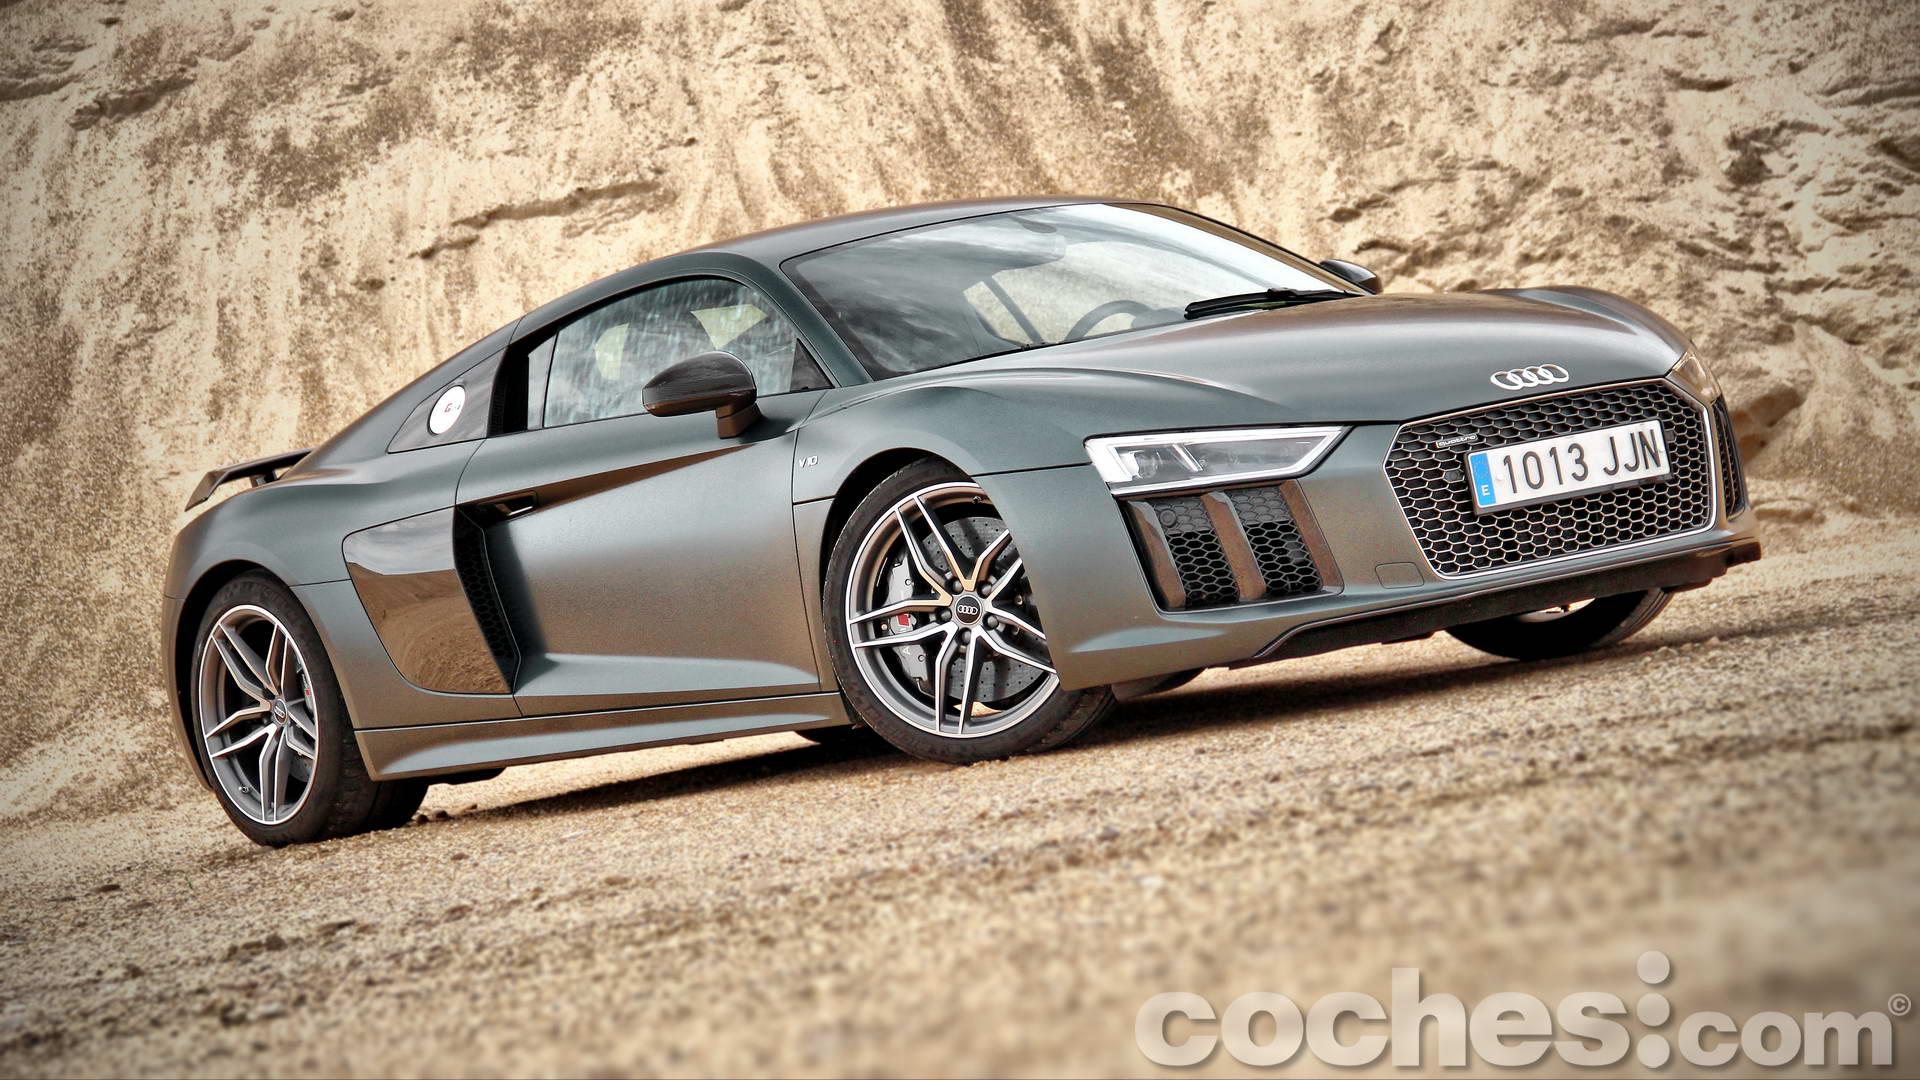 Audi_R8_V10_Plus_5.2_FSI_quattro_Stronic_010